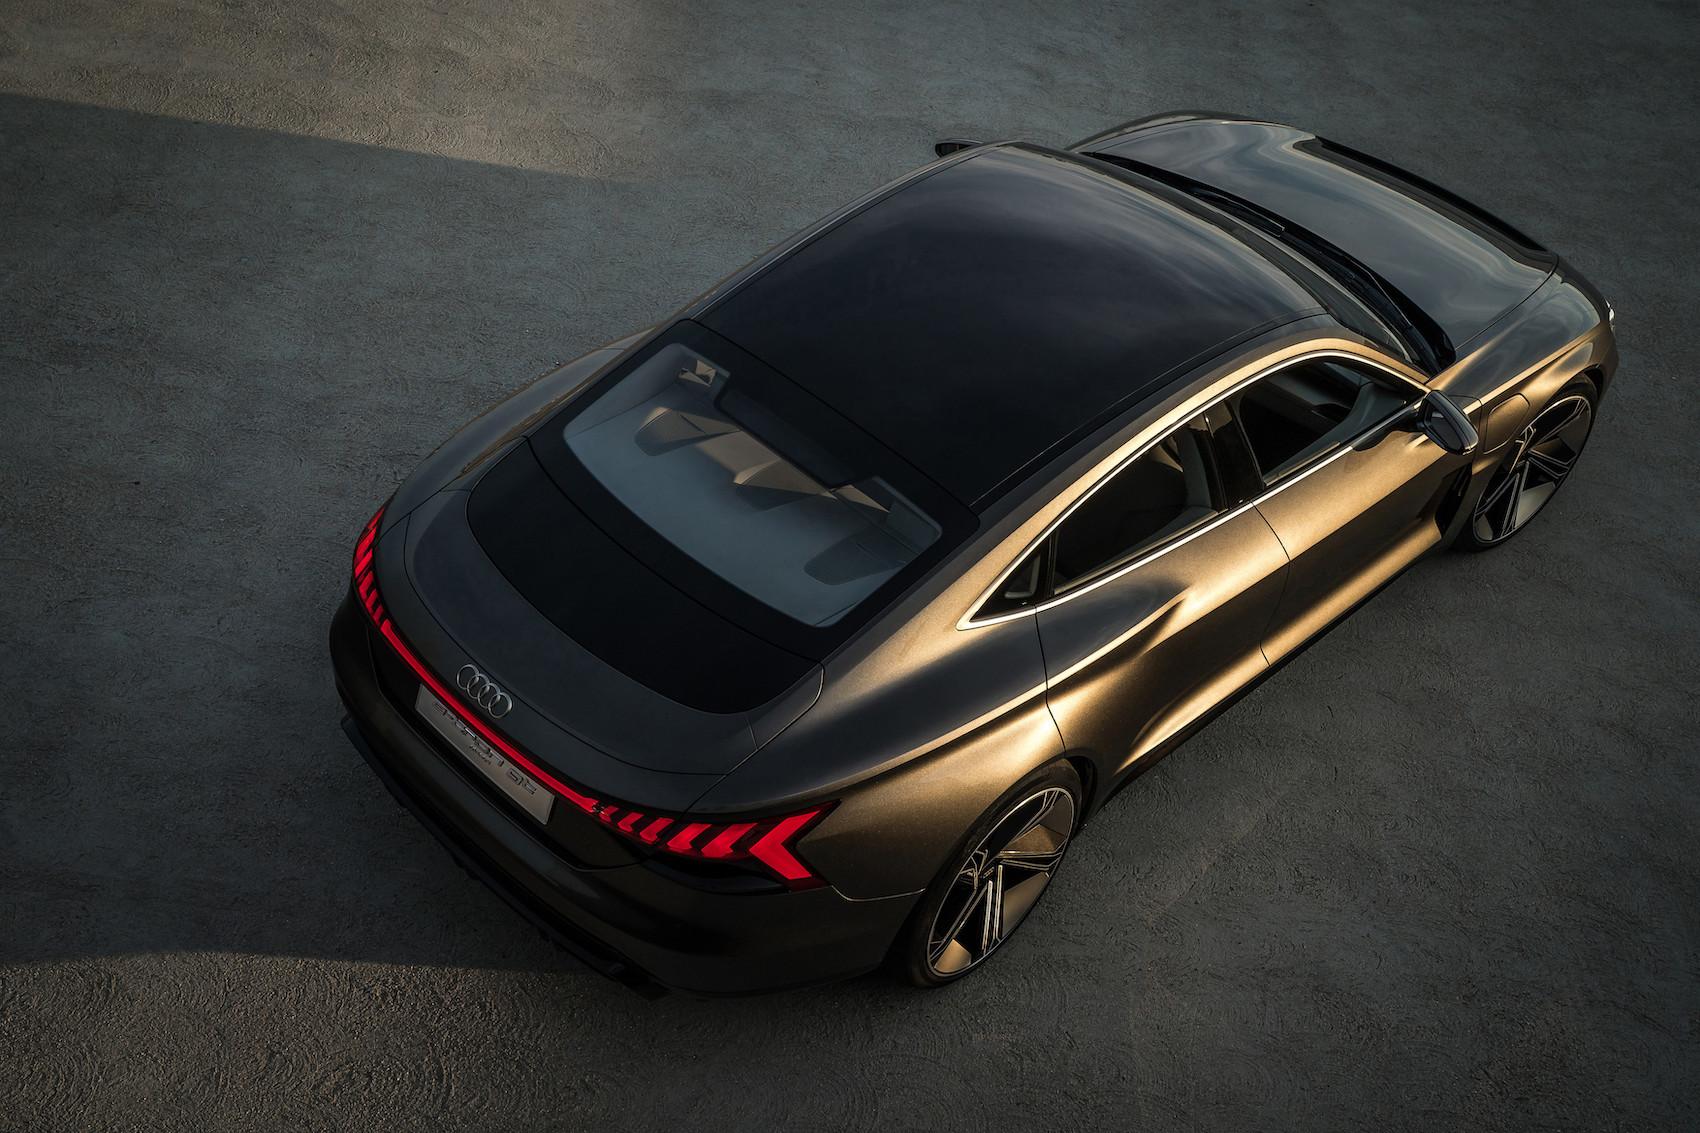 Comme un téléphone portable: le nouveau modèle e-tron GT concept d'Audi peut même être rechargé sans fil.